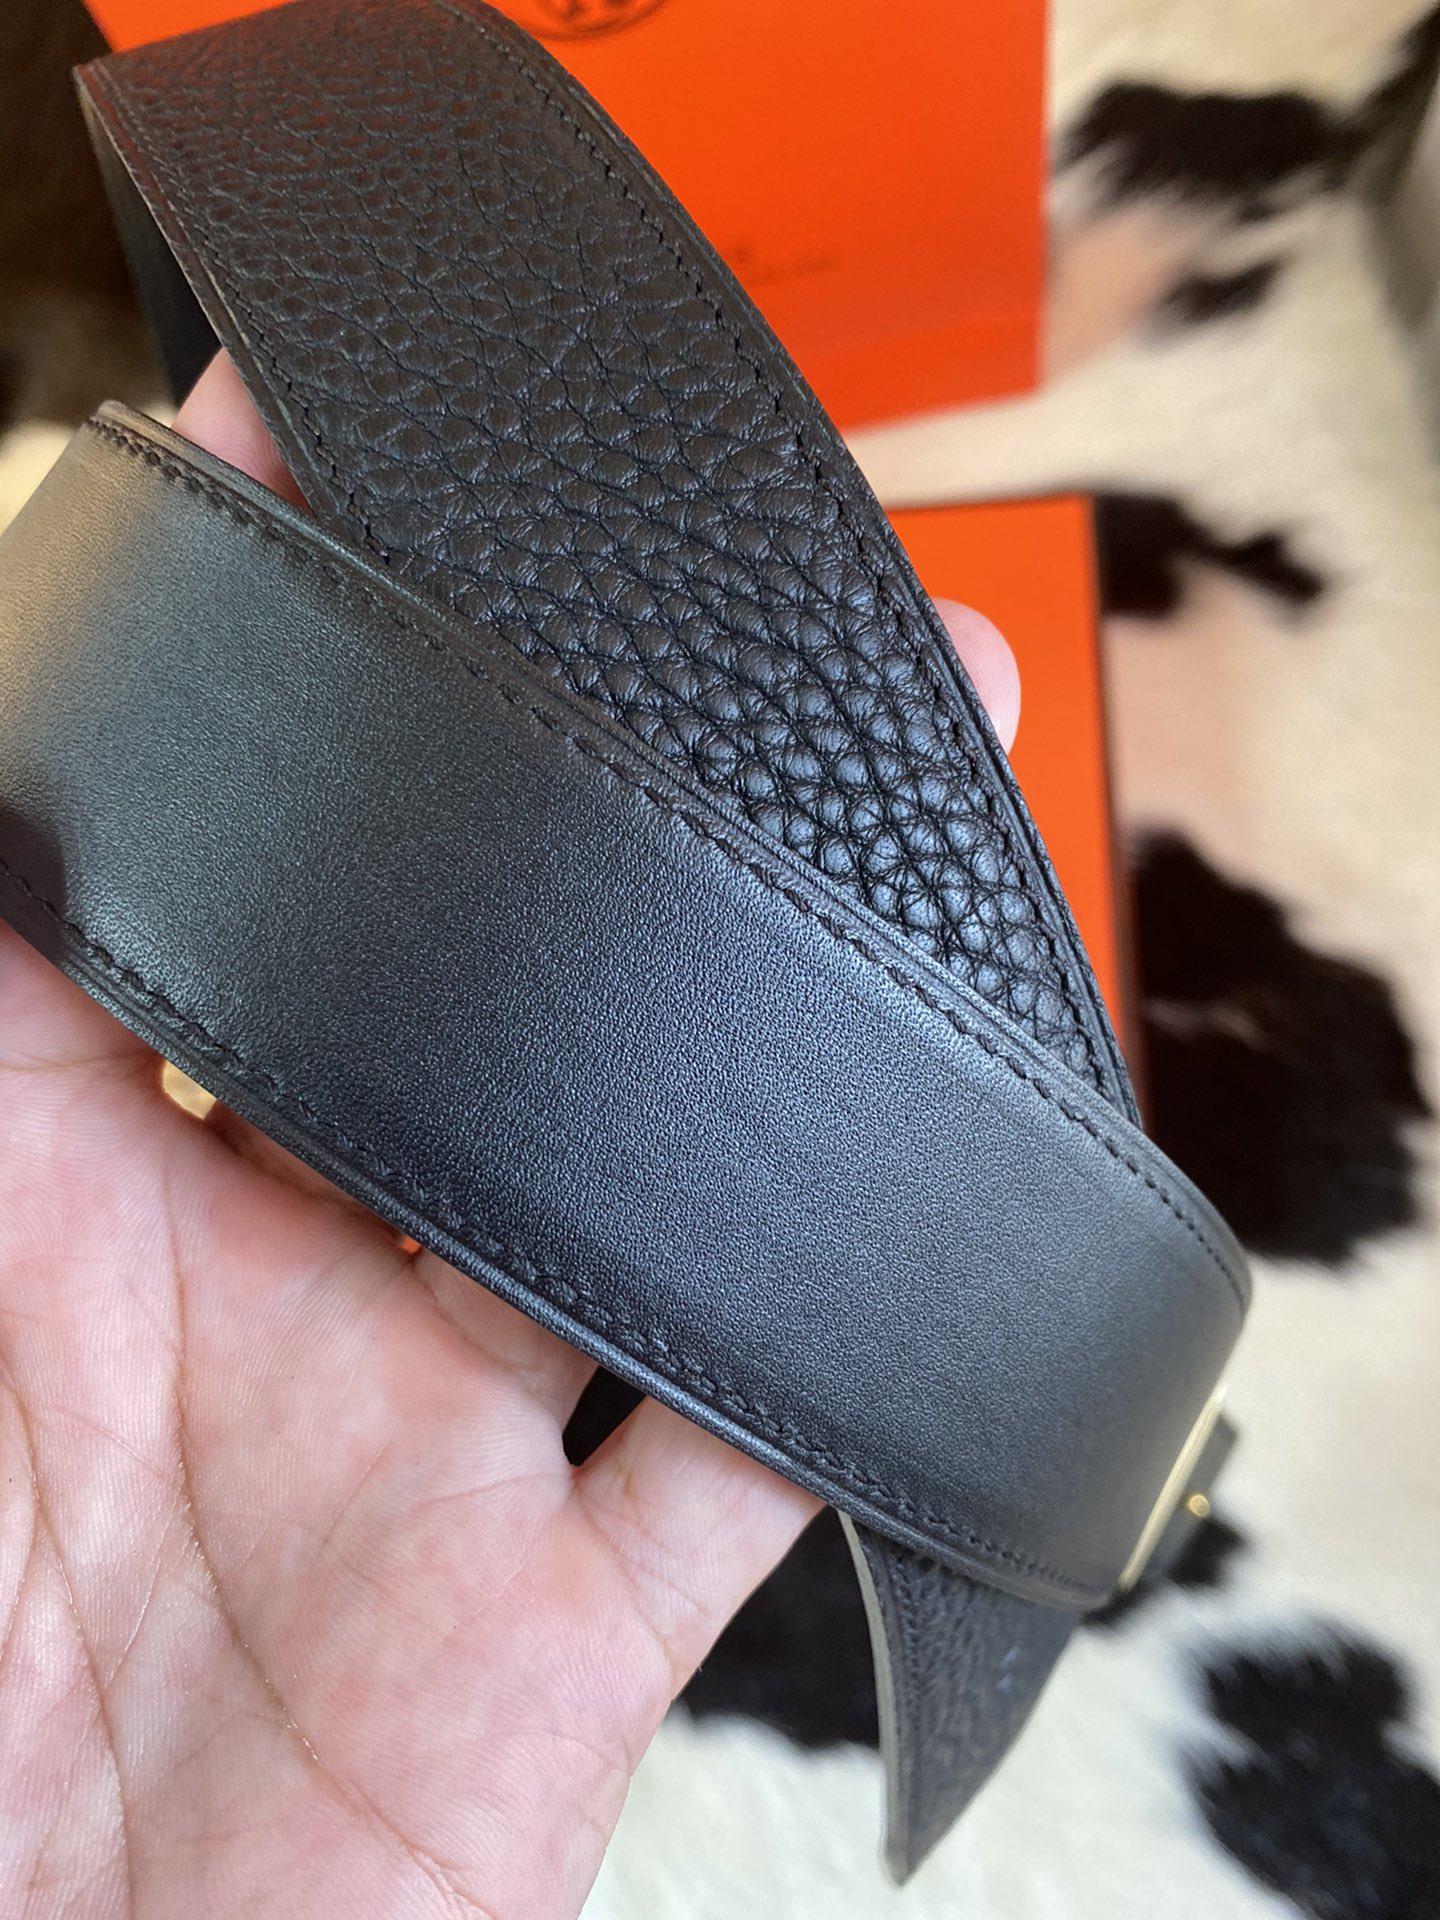 Hermes 2020 年全新升级版 双面togo皮 腰带 38mm(图8)